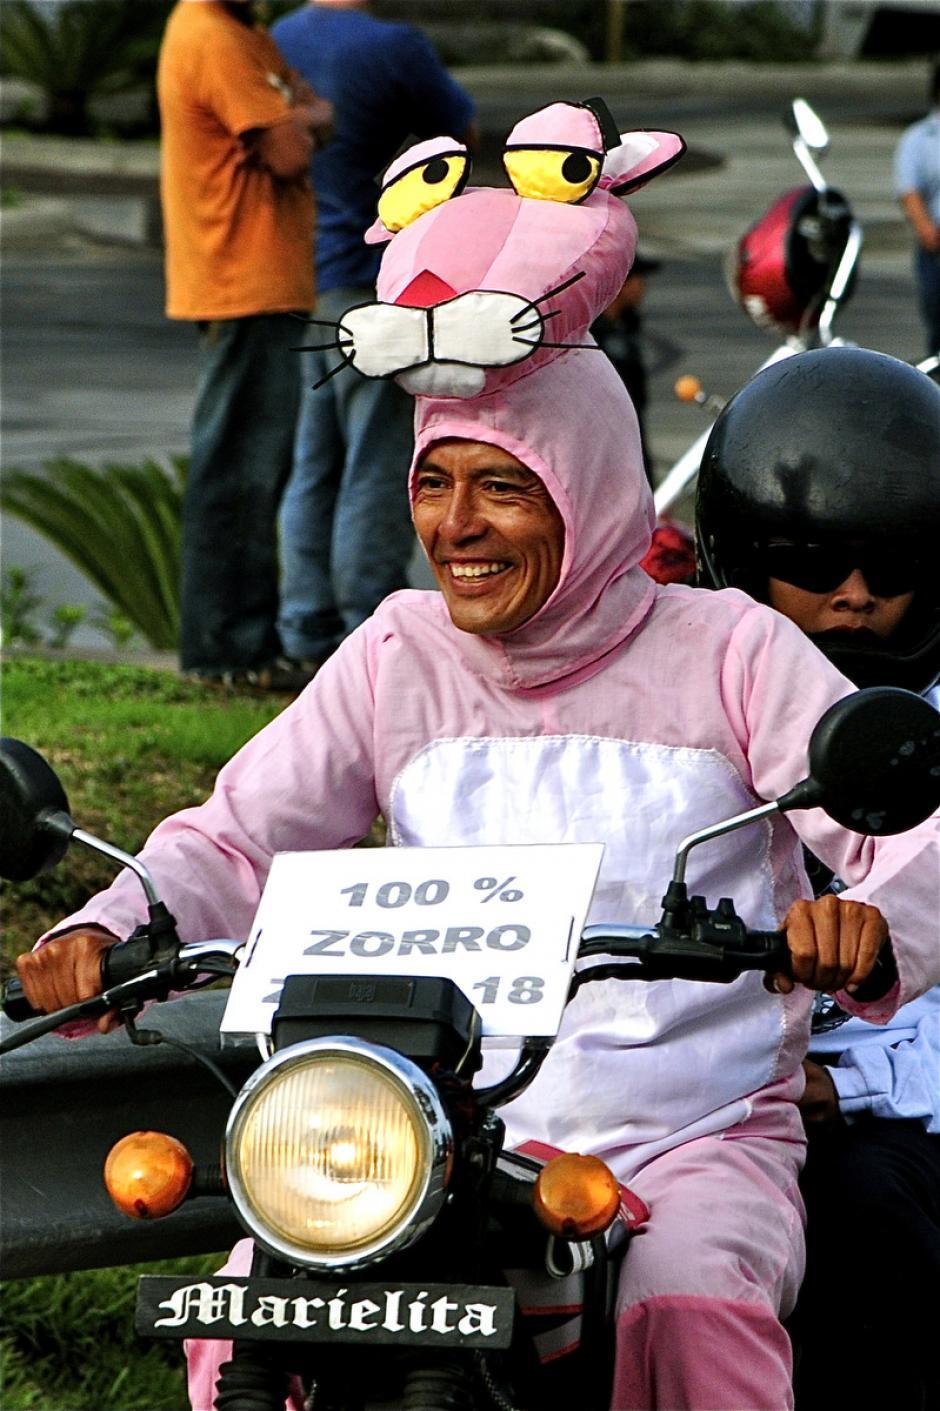 Un motorista de rosado y una pantera que es 100% zorro. ¡Sólo en Guate y sólo en la Caravana del Zorro! (Foto: Deccio Serrano)